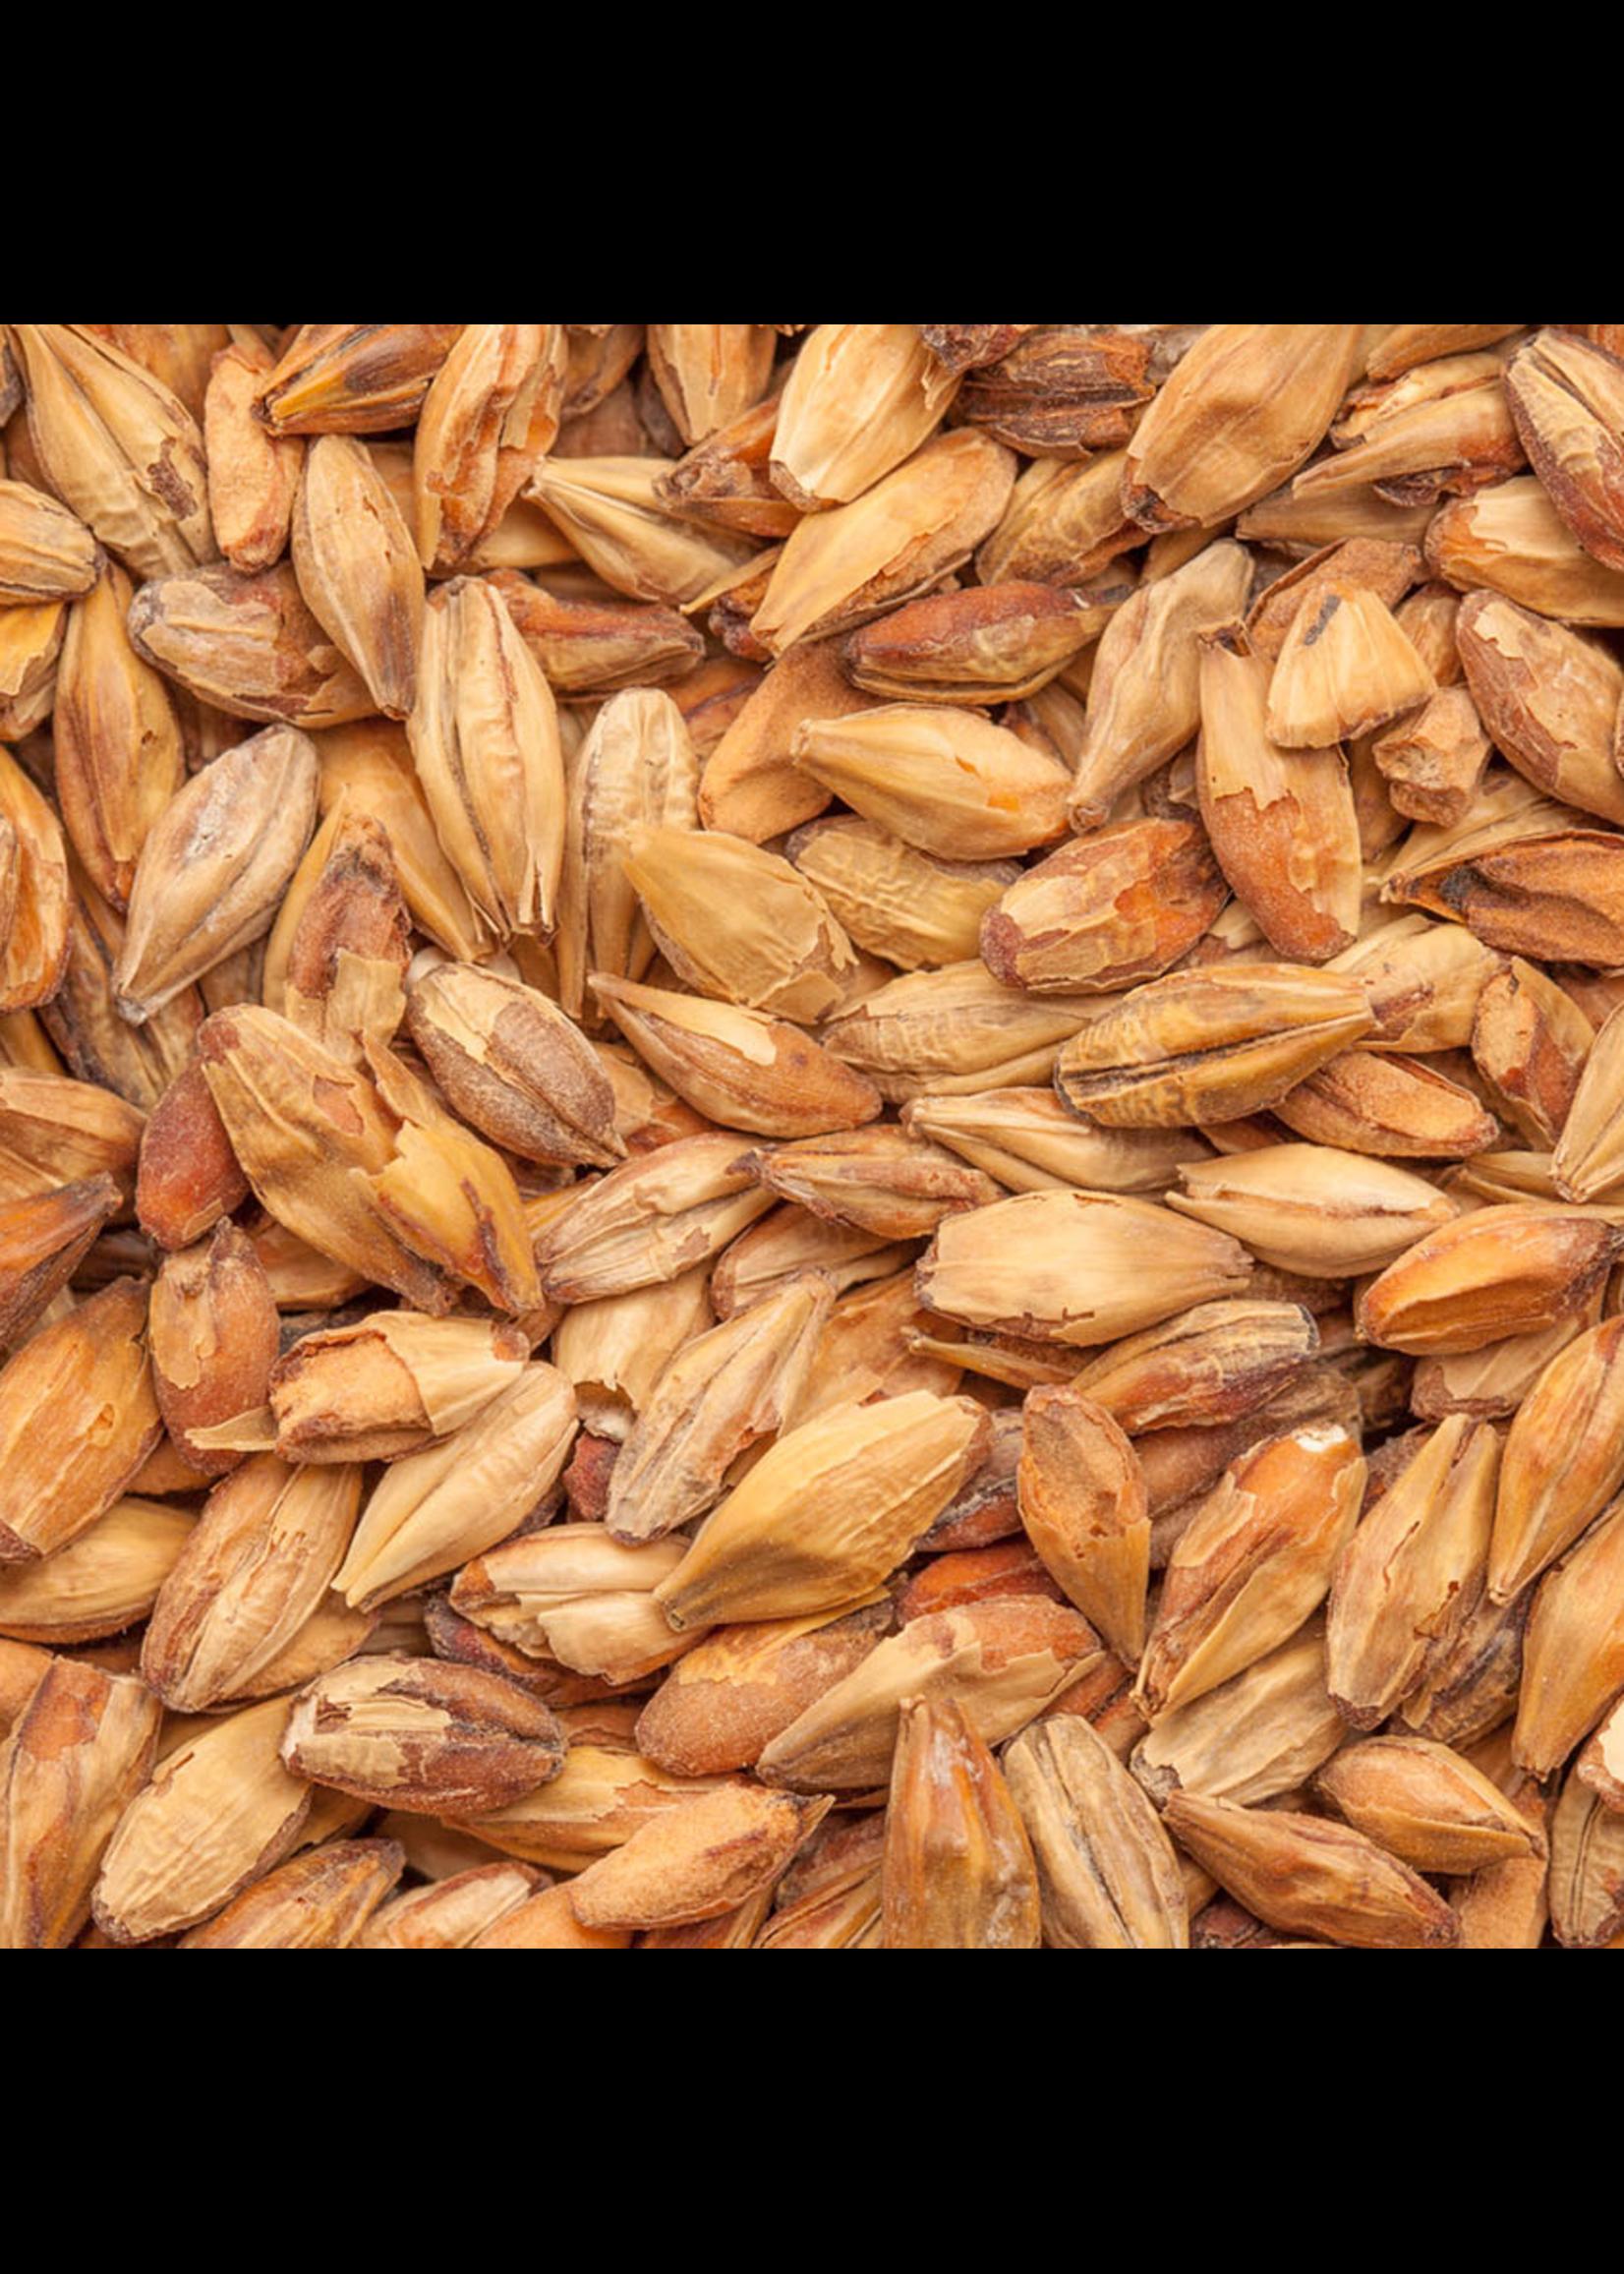 Grain Best Malz Caramel Munich Malt I (35L) - F6 - 1 LB